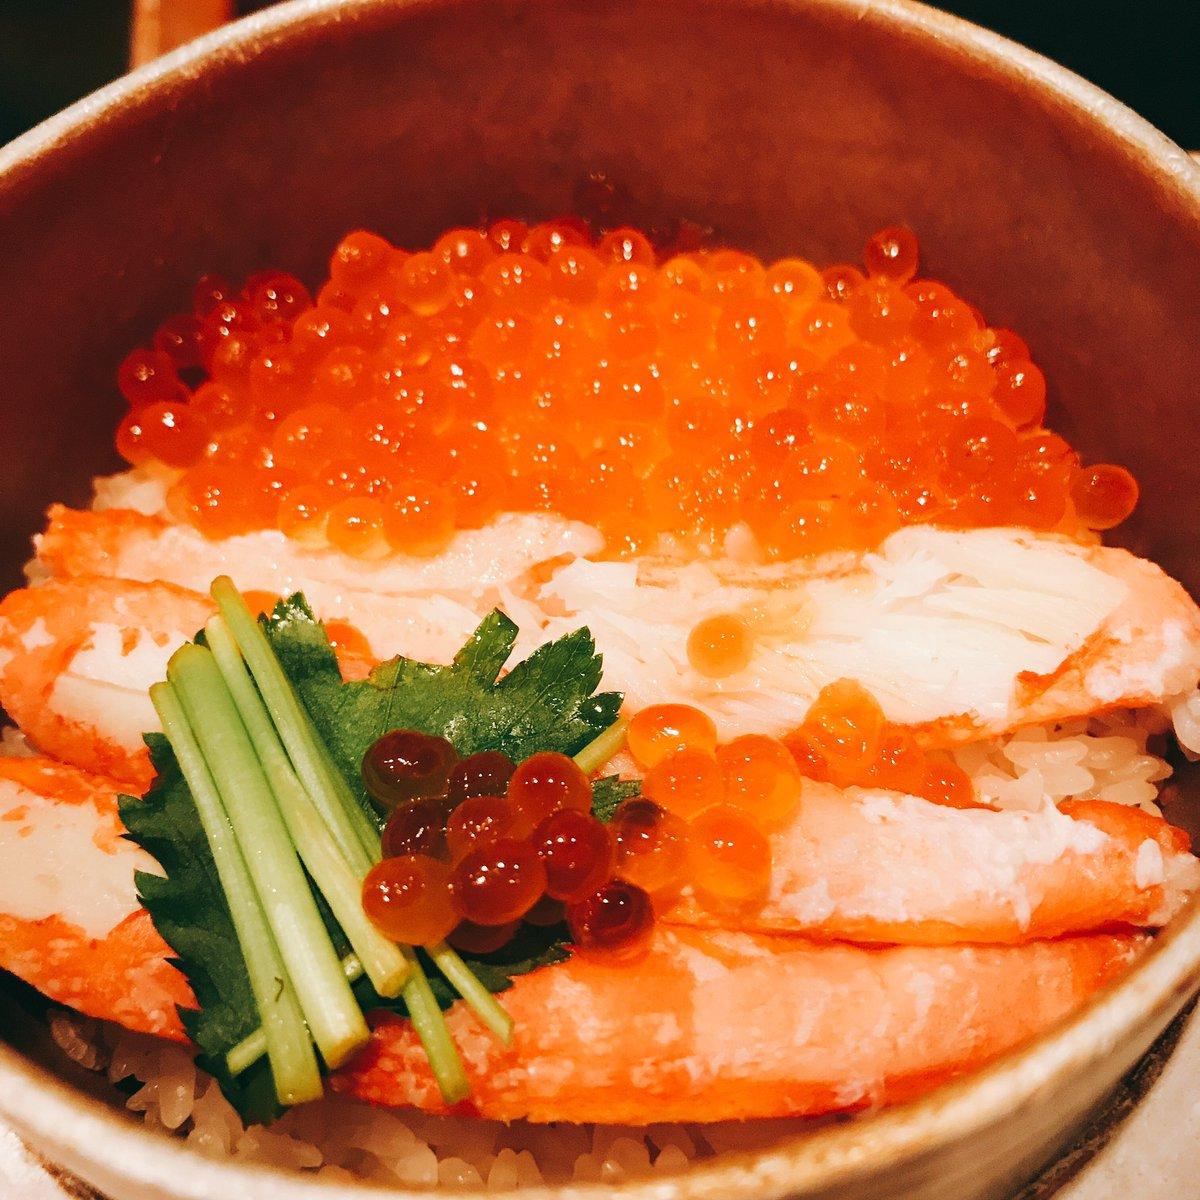 釜飯おいしかったー世界征服の日本食のやつ違う国も見て見たいー#世界征服 #日本食断続